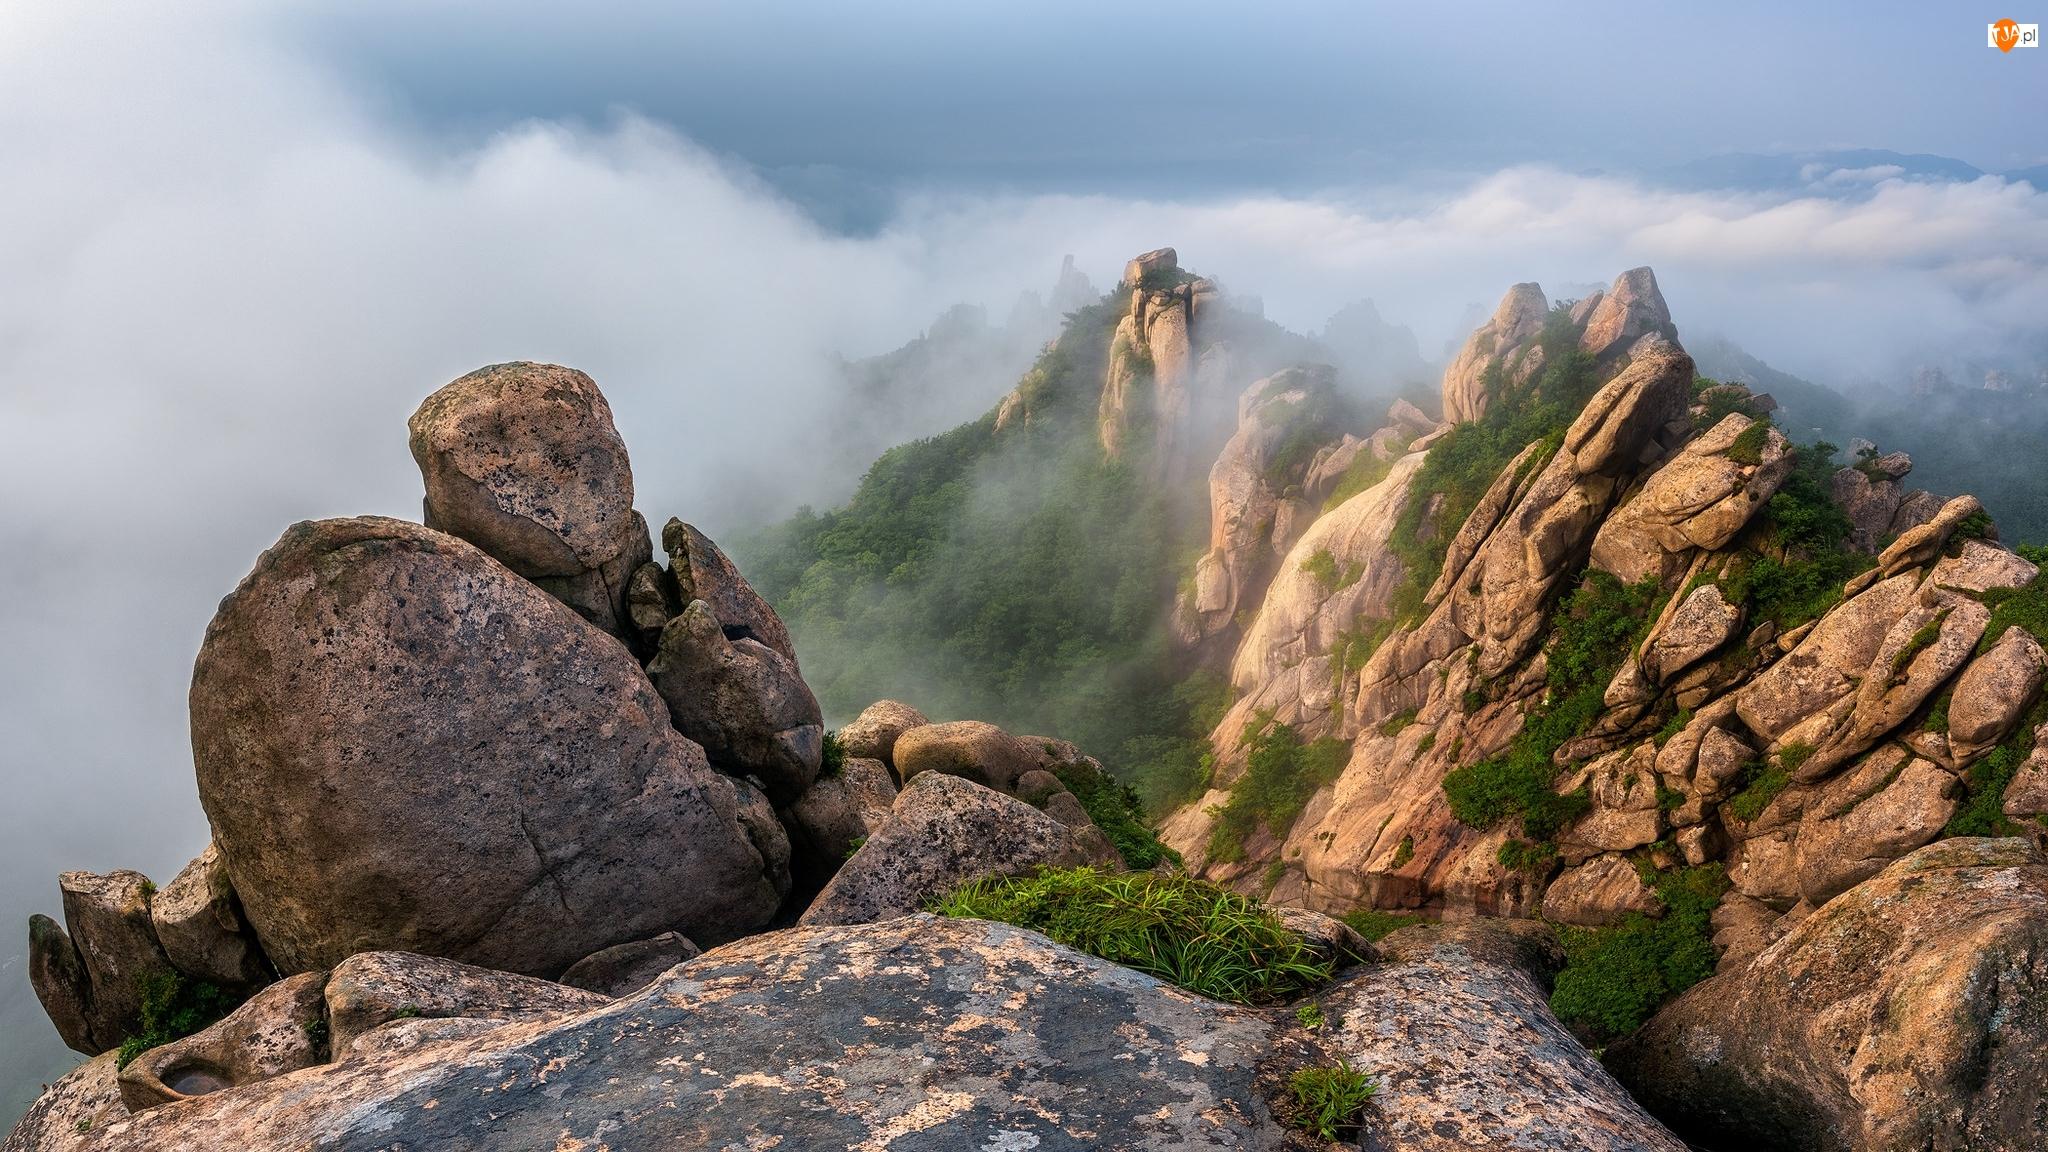 Góry Wolchulsan, Góry, Chmury, Prowincja Jeolla Południowa, Skały, Park Narodowy Wolchulsan, Korea Południowa, Mgła